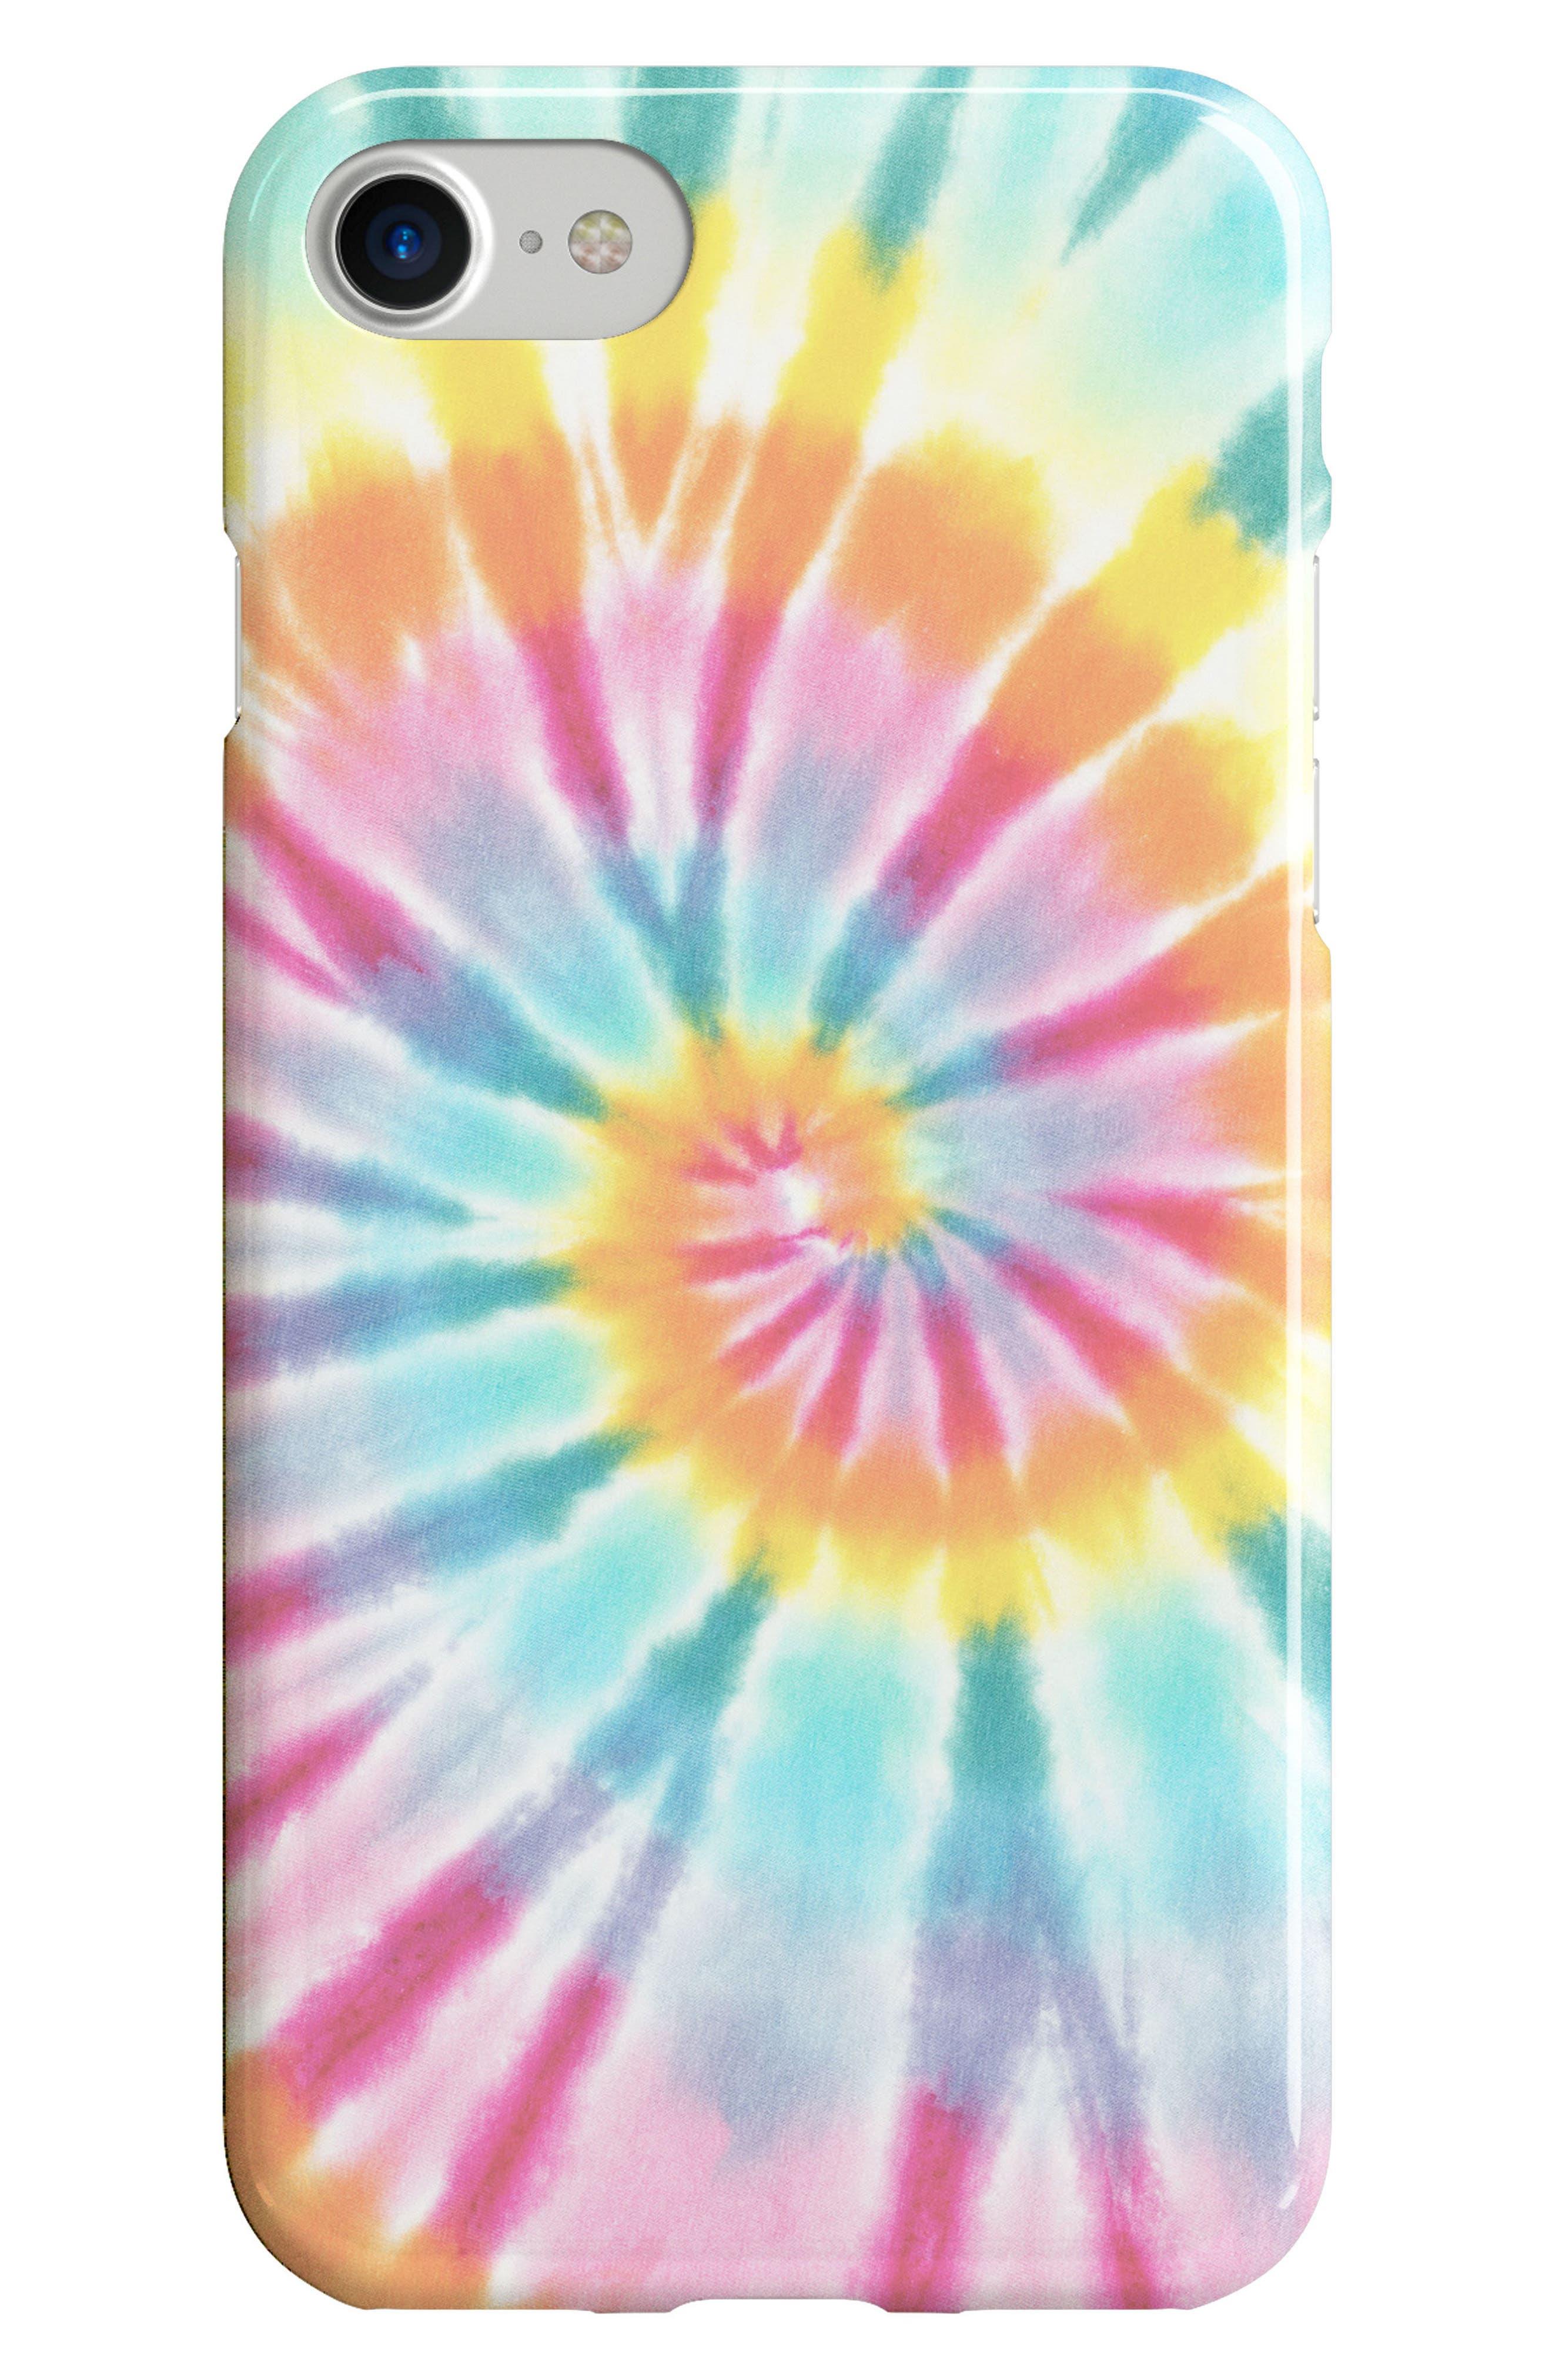 Tie Dye iPhone 6/6s/7/8 Case,                             Main thumbnail 1, color,                             650